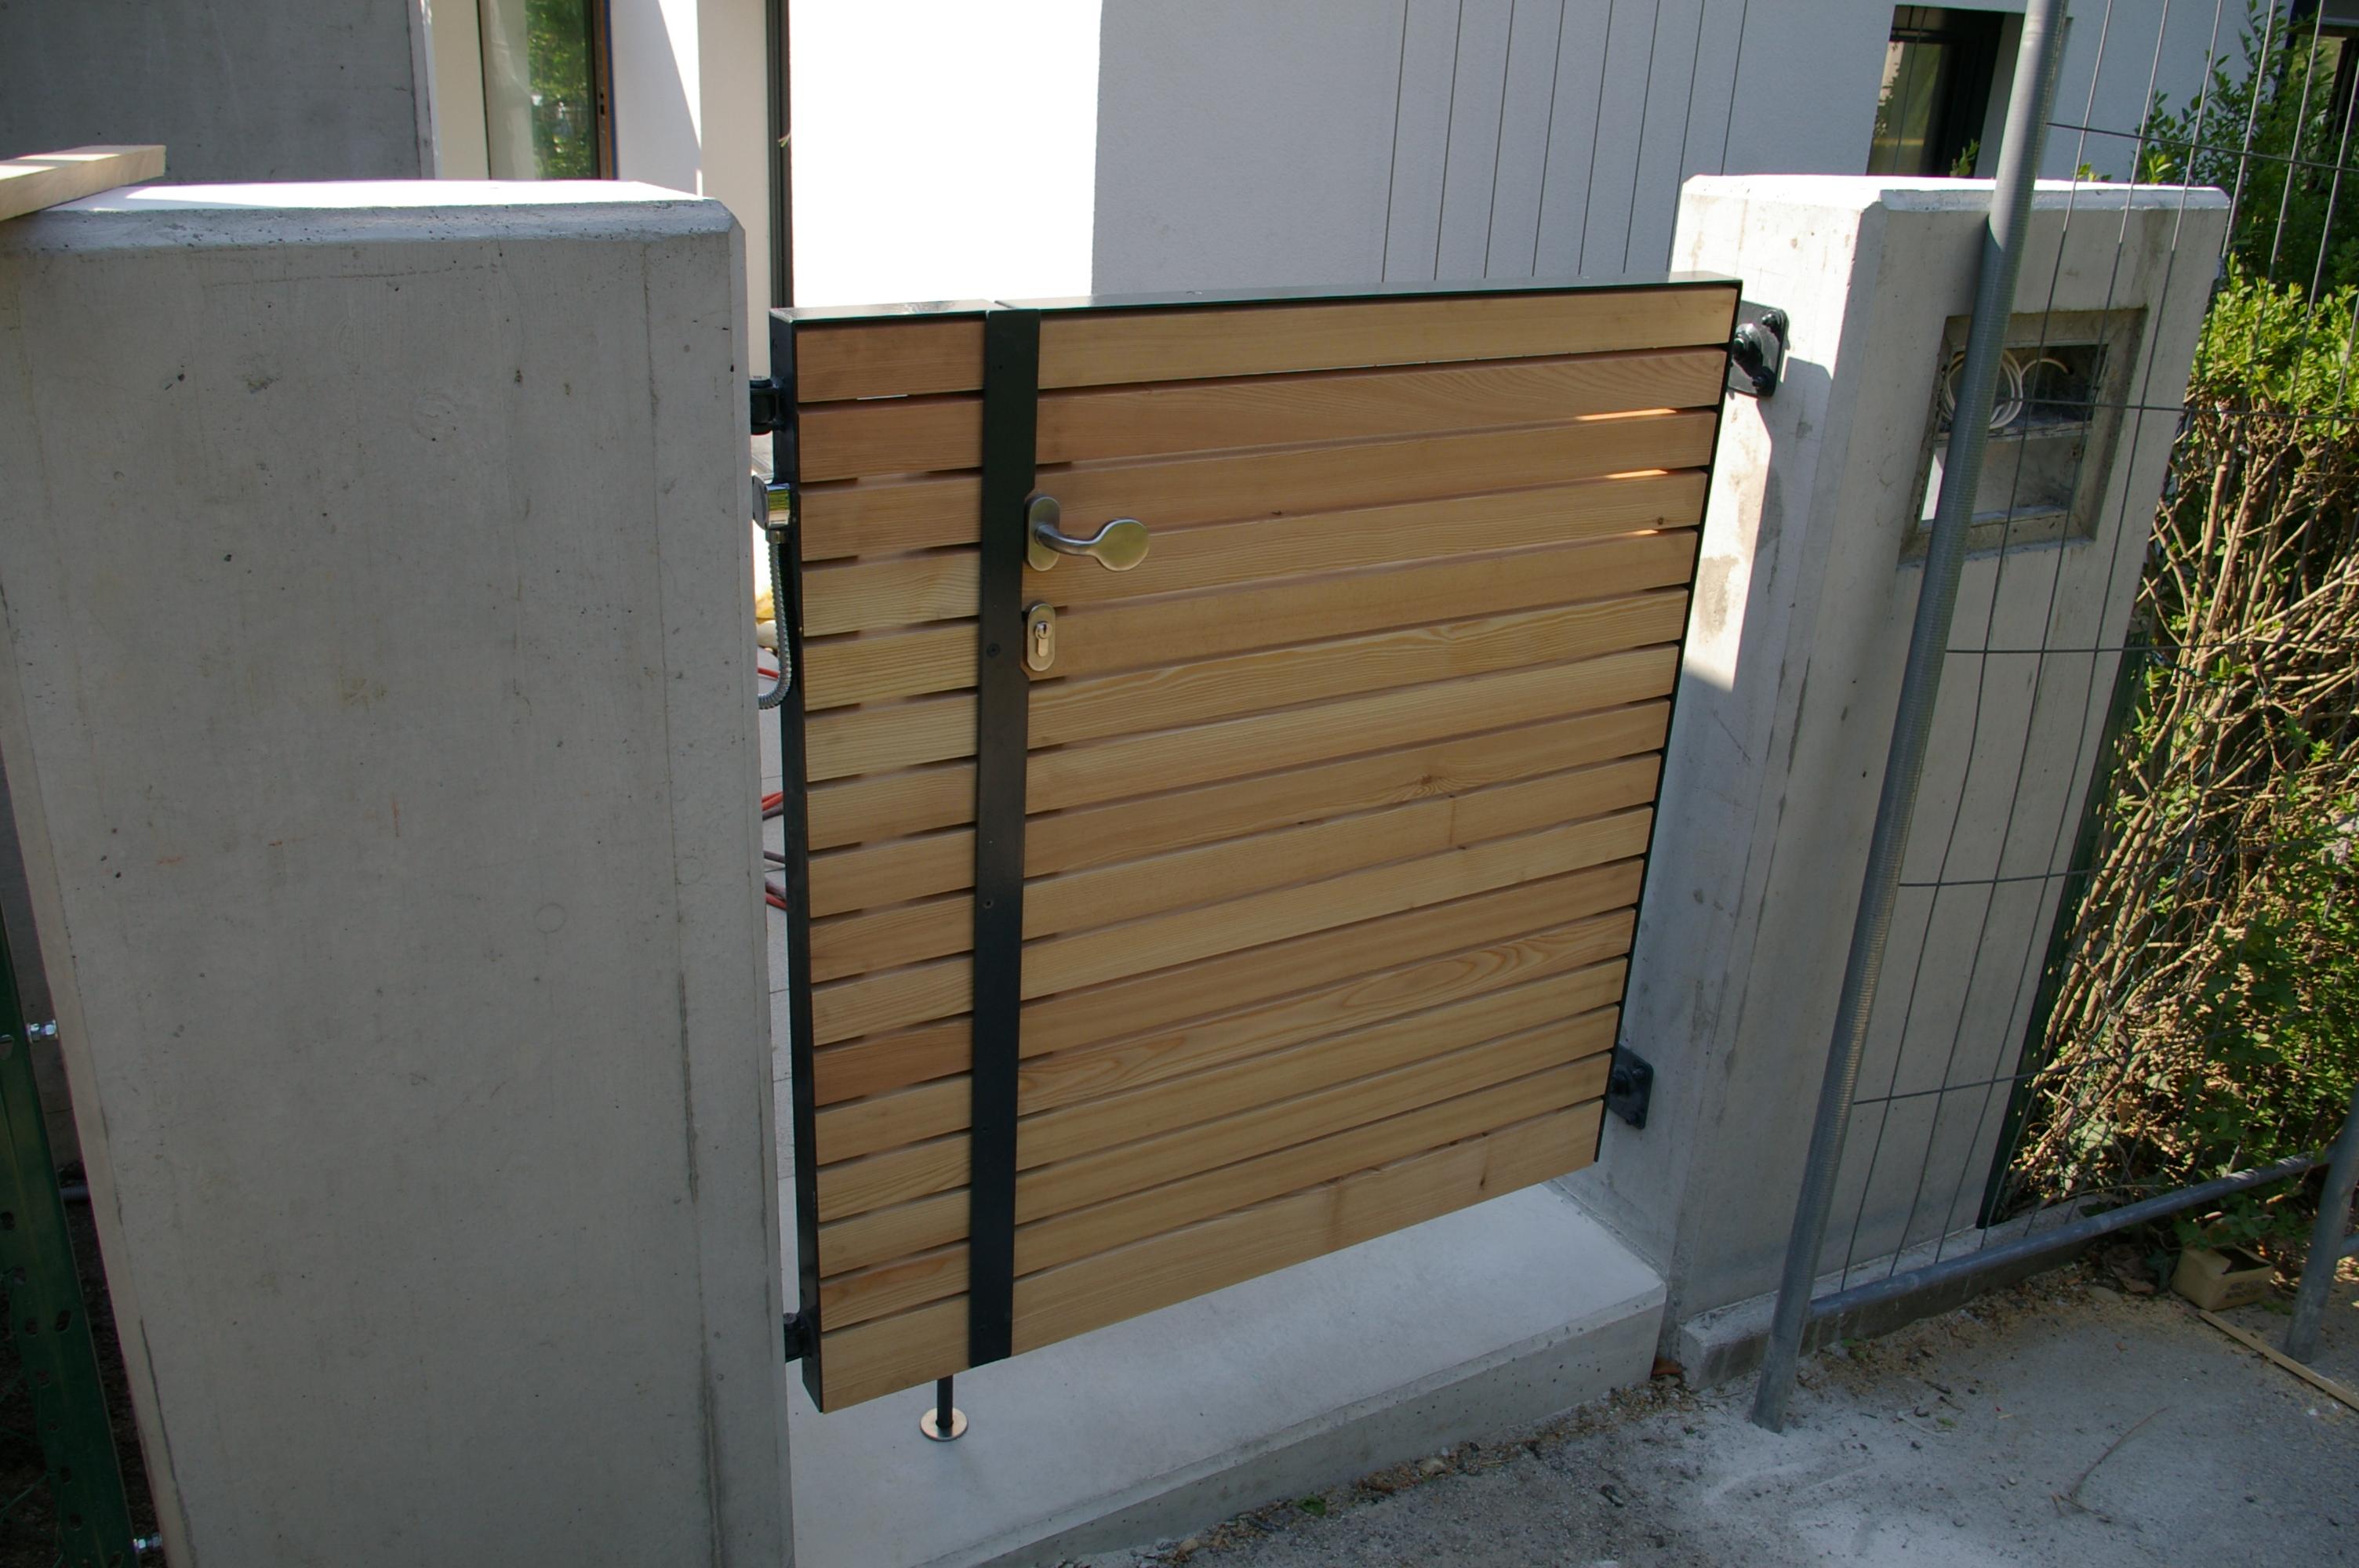 Gartentor Holz Und Edelstahl ~ ET931 Gartentor mit Holz929